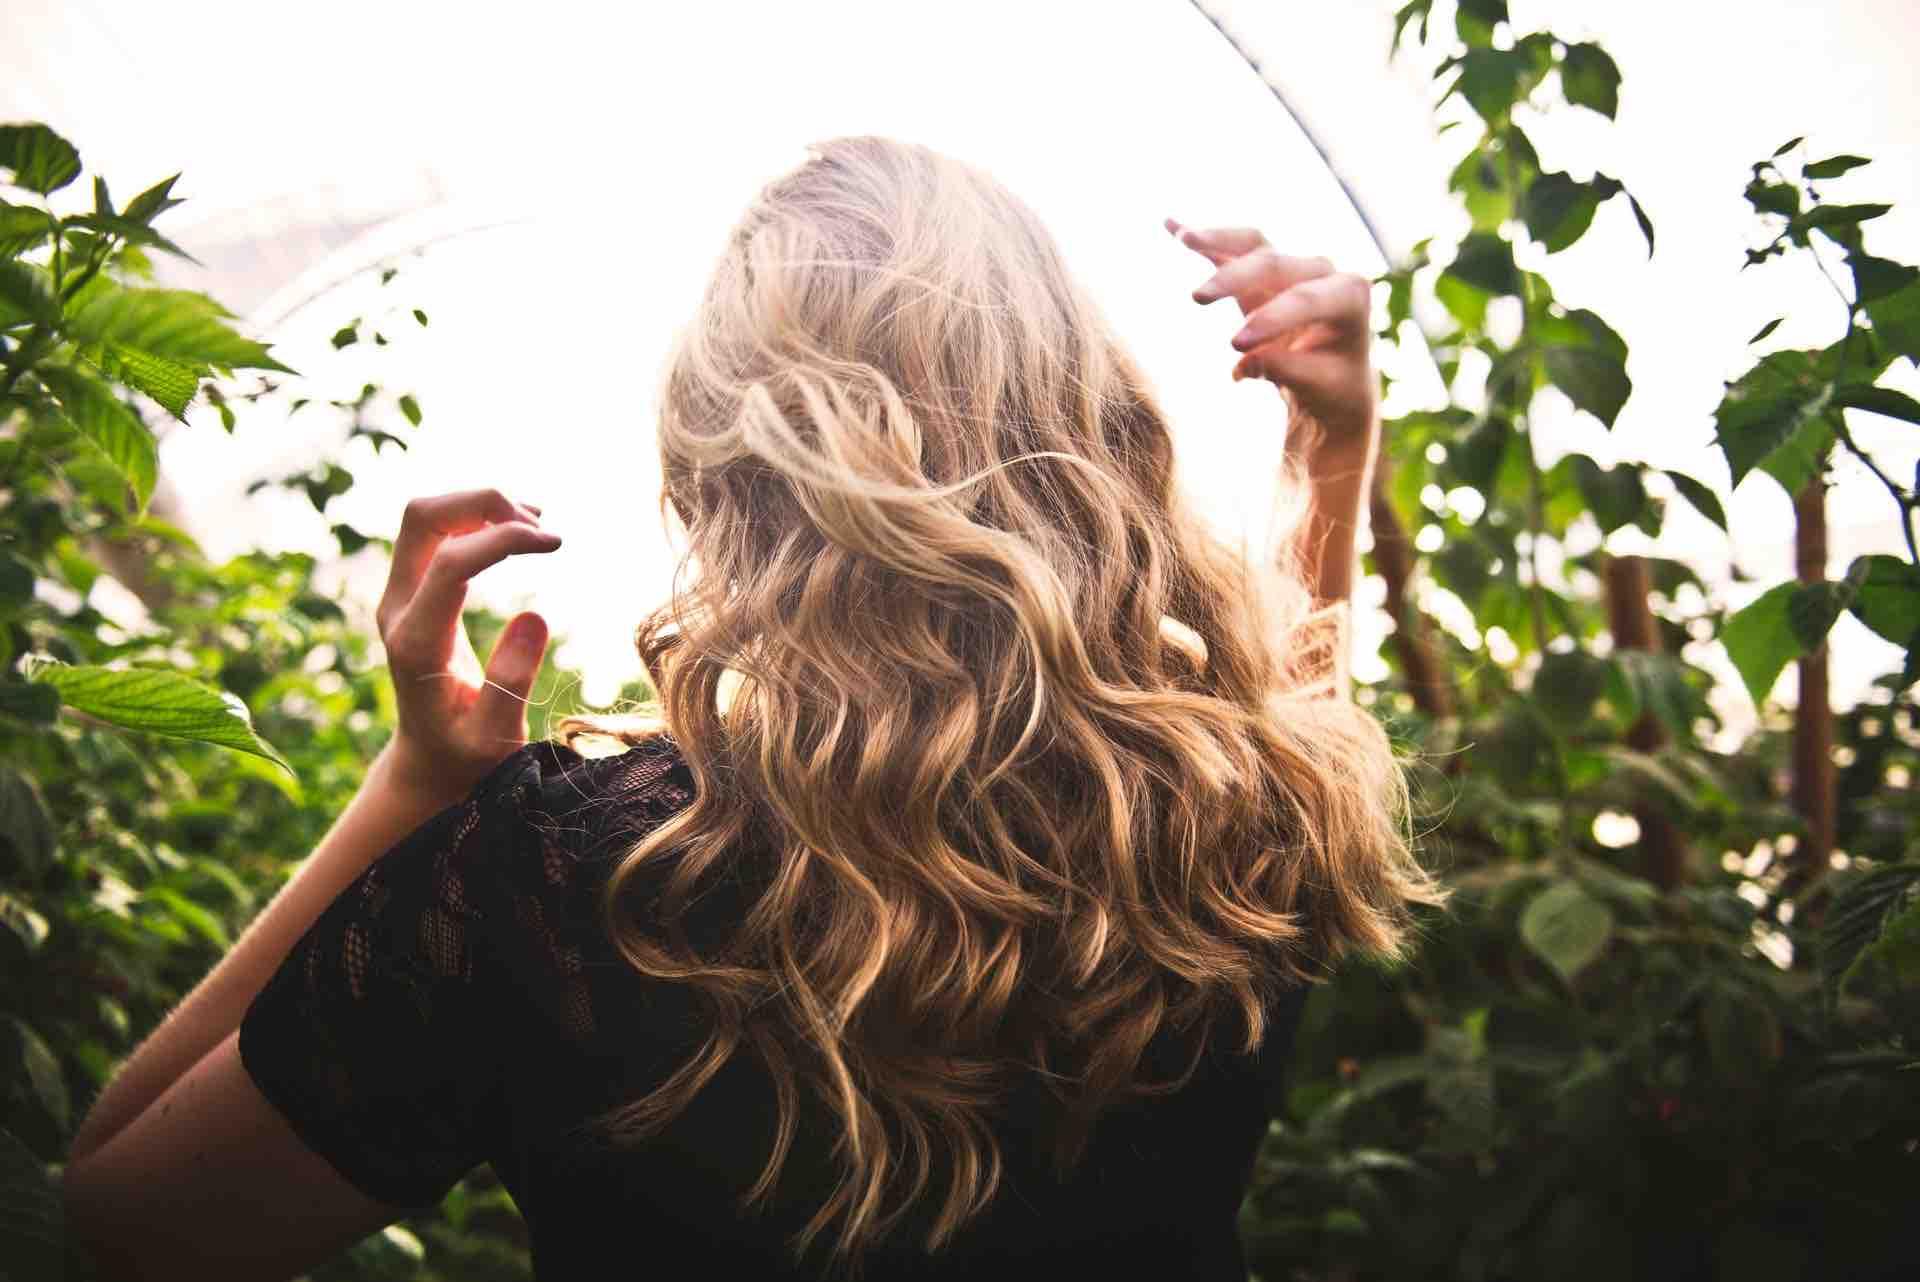 cheveux blonds femme forêt boucles